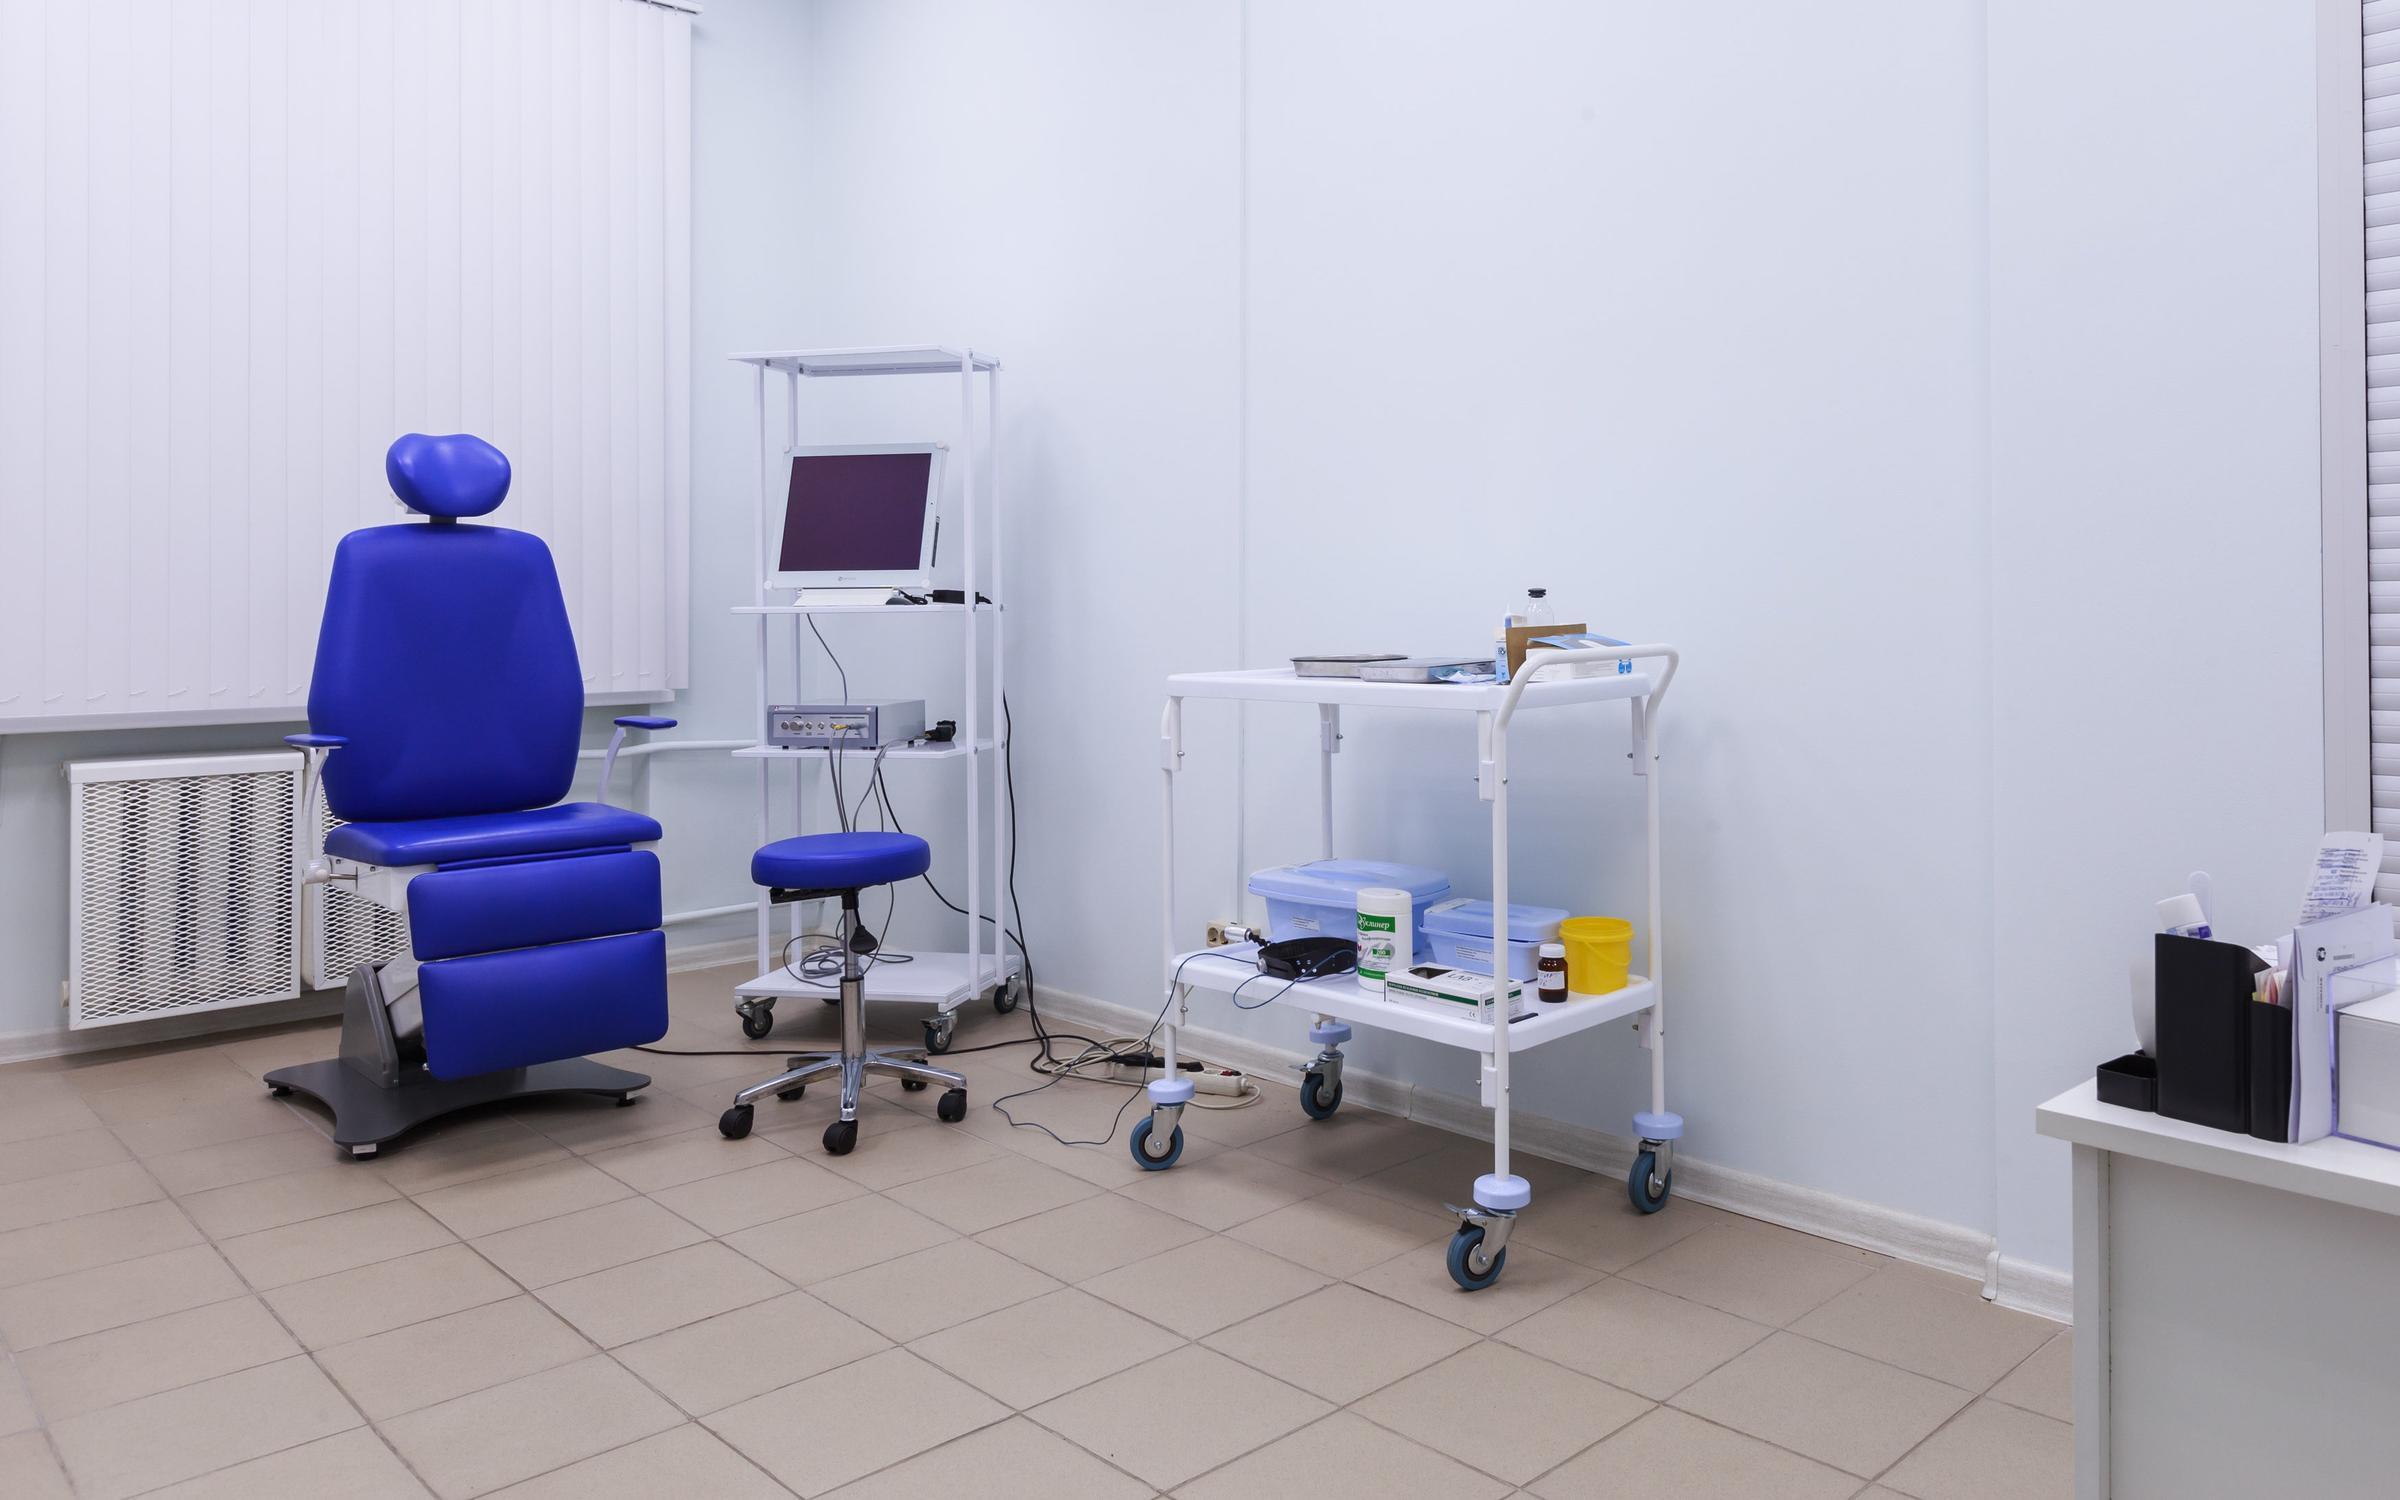 фотография Многопрофильного медицинского центра Медео на метро Дубровка, Автозаводская